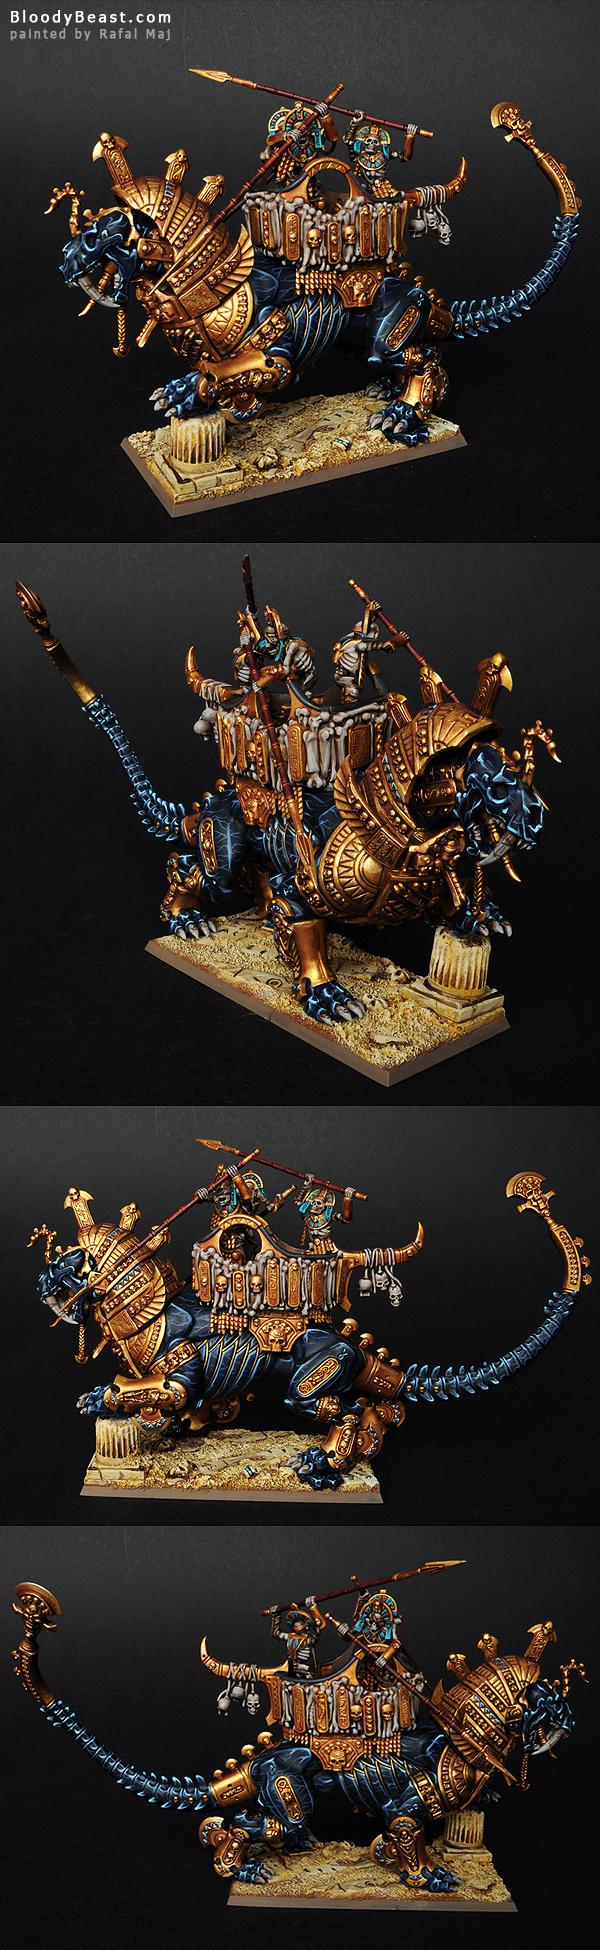 Tomb Kings Warsphinx painted by Rafal Maj (BloodyBeast.com)